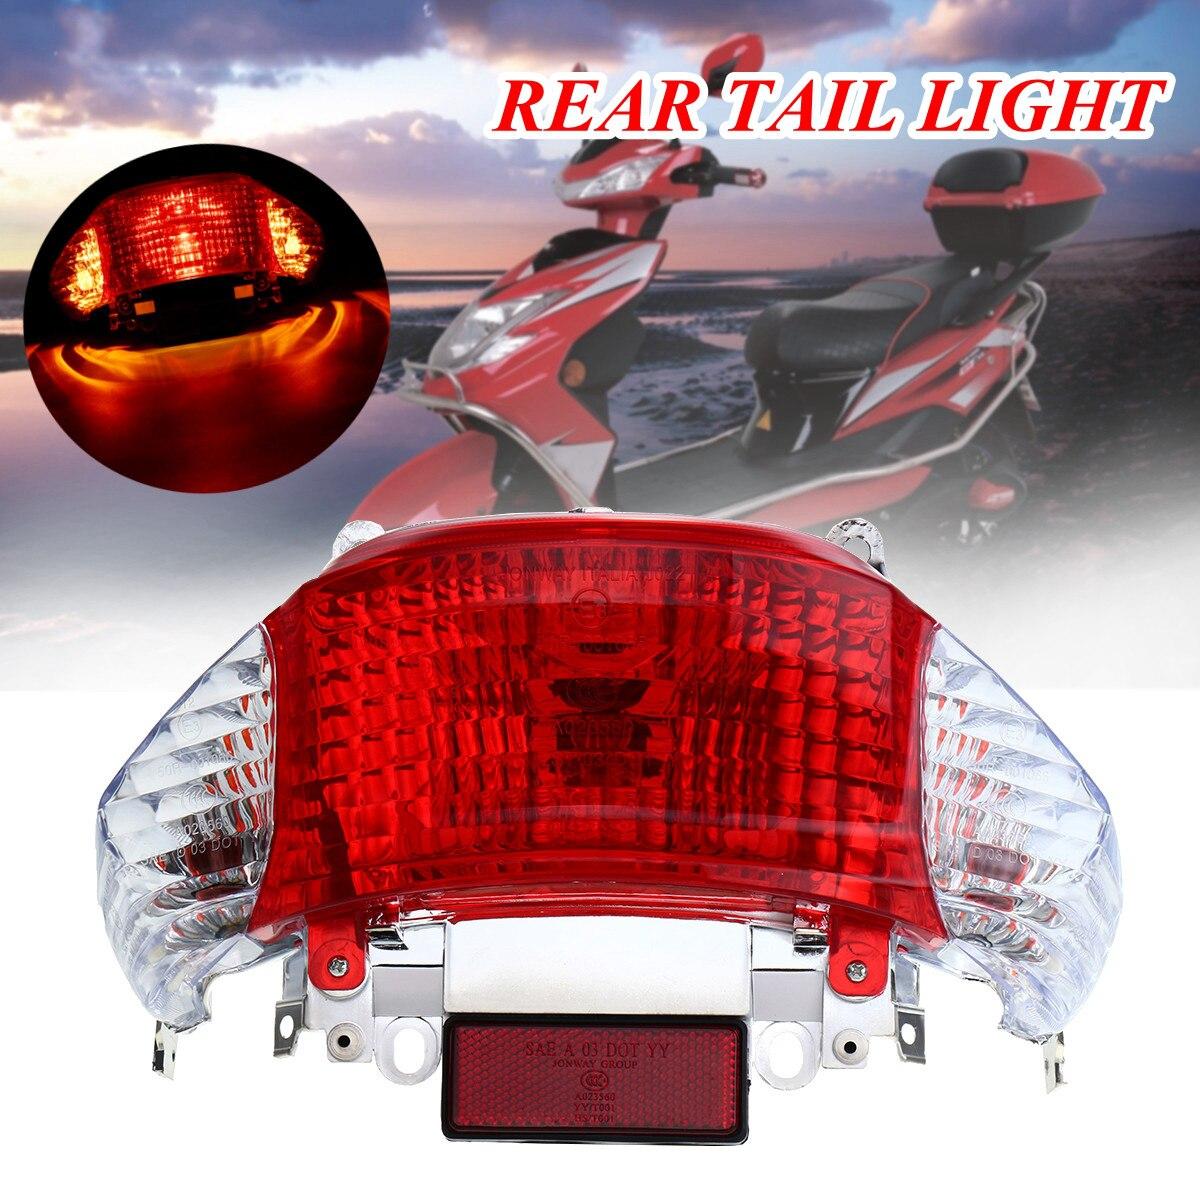 Motorrad Roller 50cc Hinten Schwanz Licht Blinker Lampe Für Gy6 Für Chinesische Taotao Sunny